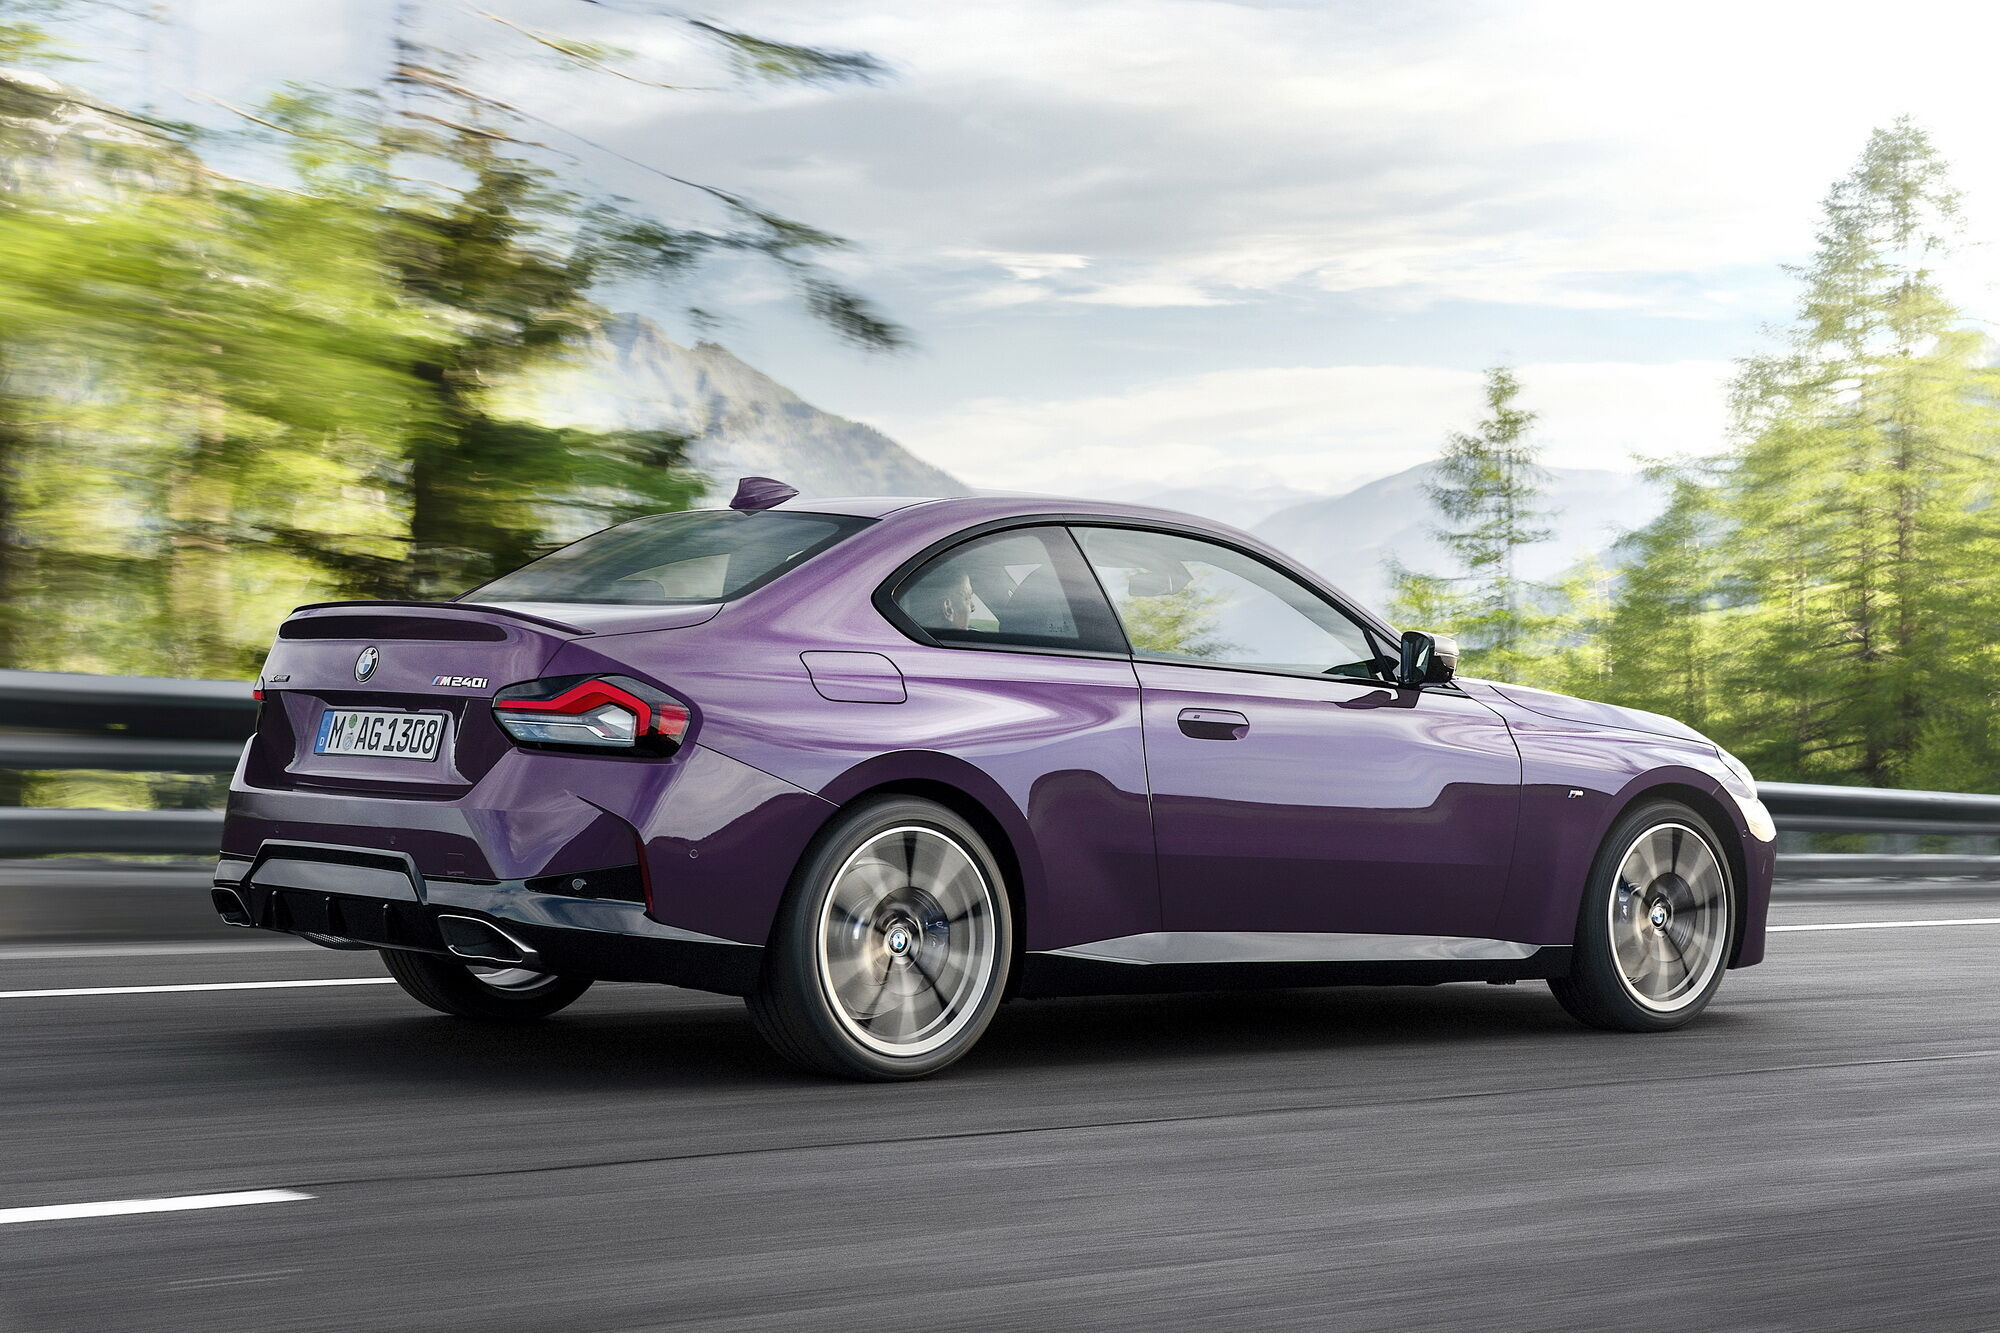 Максимальна швидкість BMW M240i xDrive Coupe обмежена електронікою на позначці 250 км/год